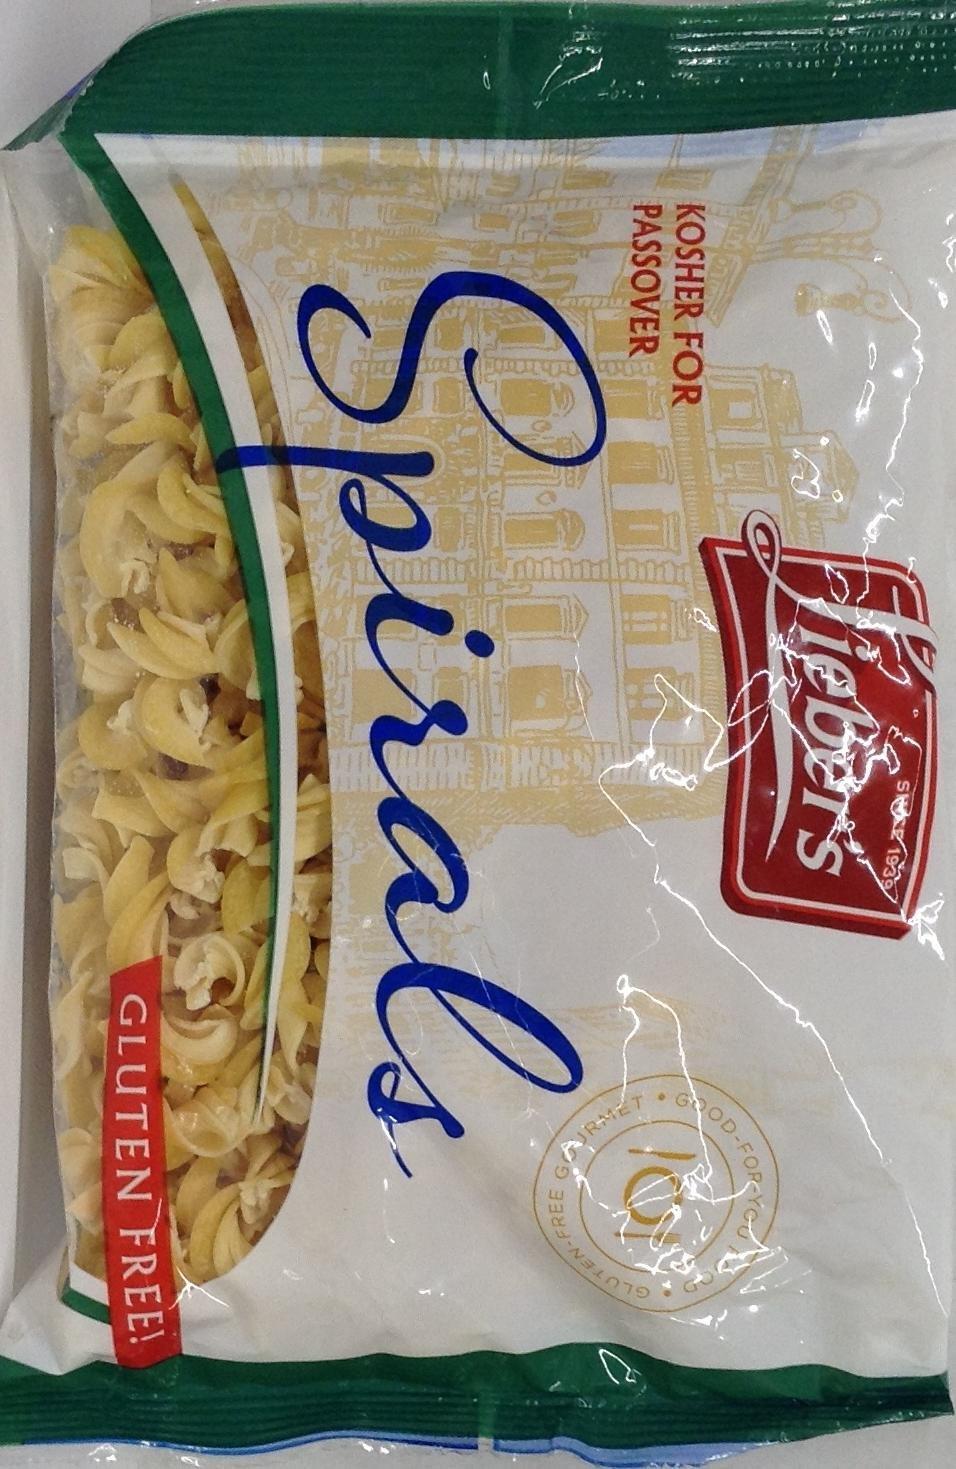 Lieber's Spirals Pasta Gluten Free KFP 9 Oz. Pack Of 6.